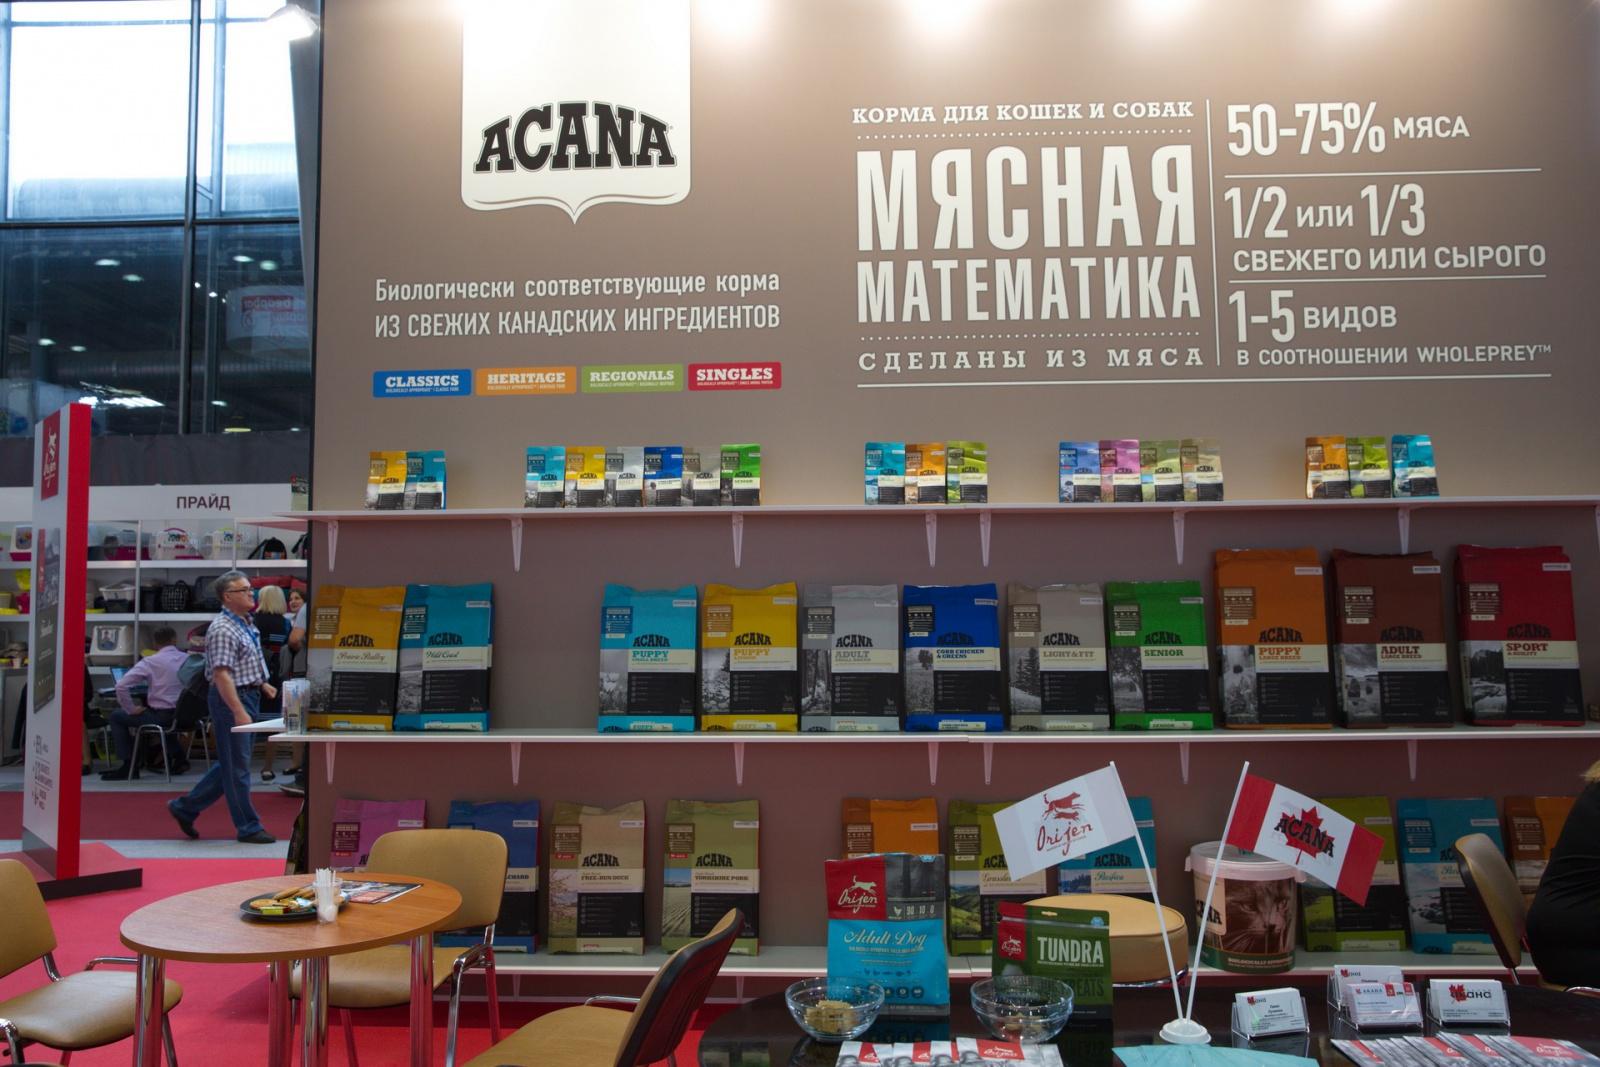 Компания АКАНА на выставке ПаркЗоо 2017